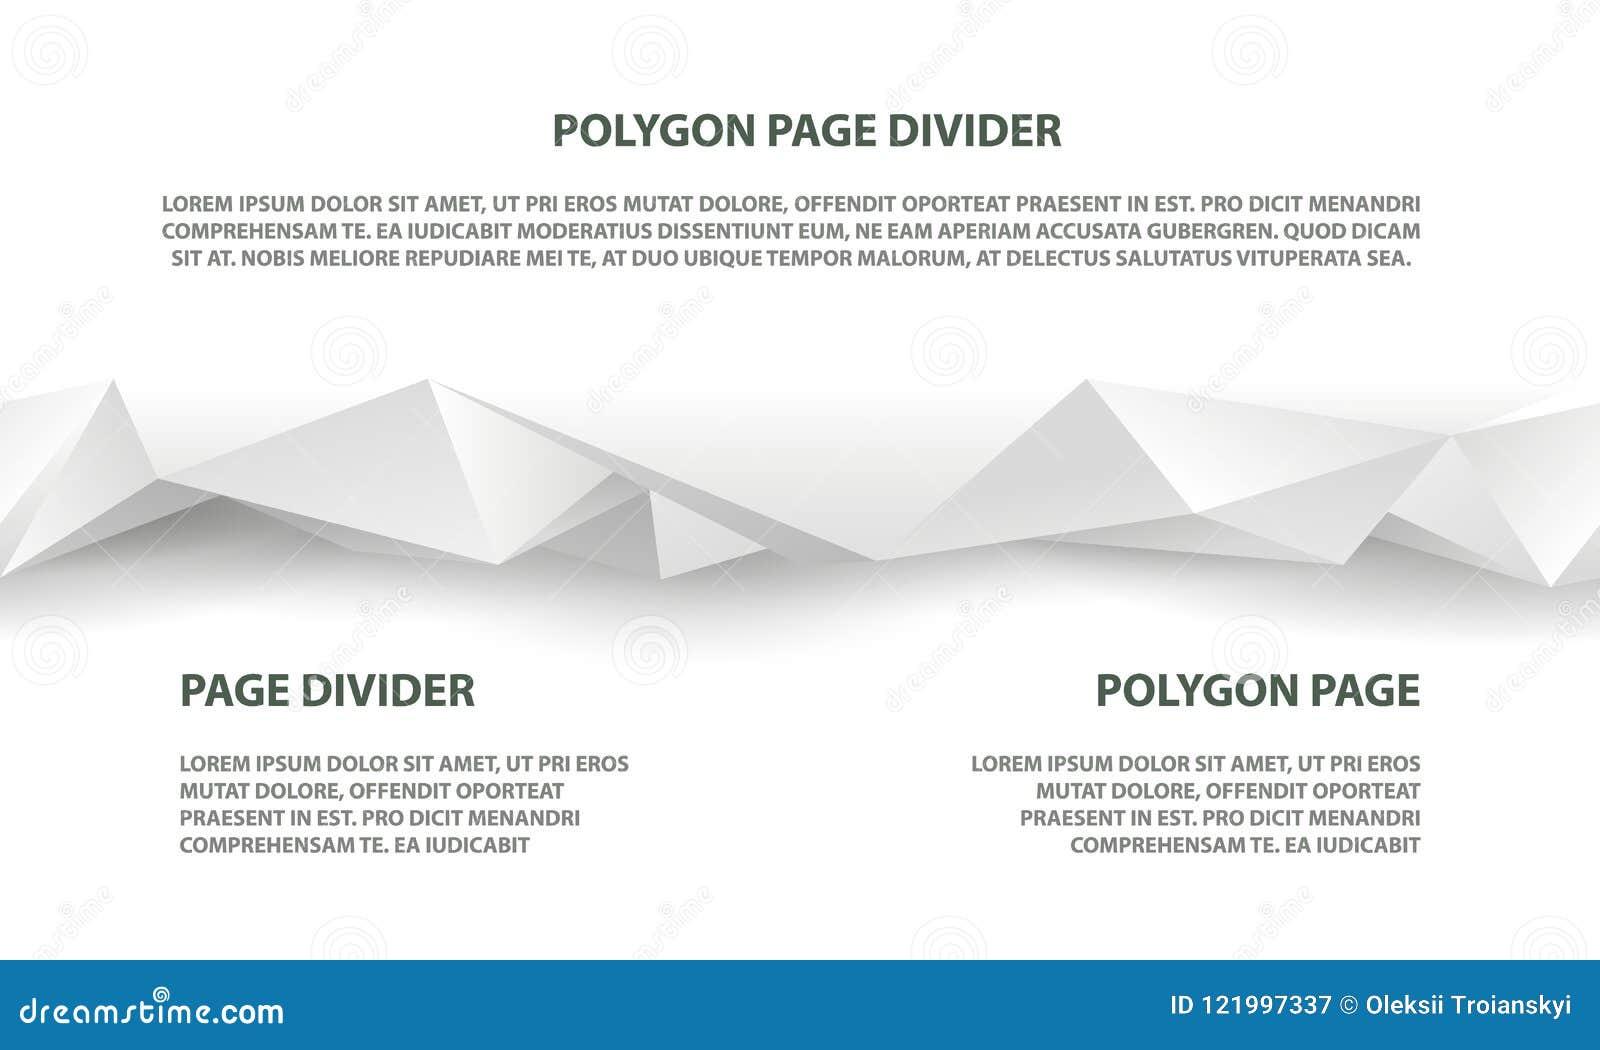 Άσπρος polygonal άνευ ραφής διαιρέτης για τον ιστοχώρο και την προσγειωμένος σελίδα